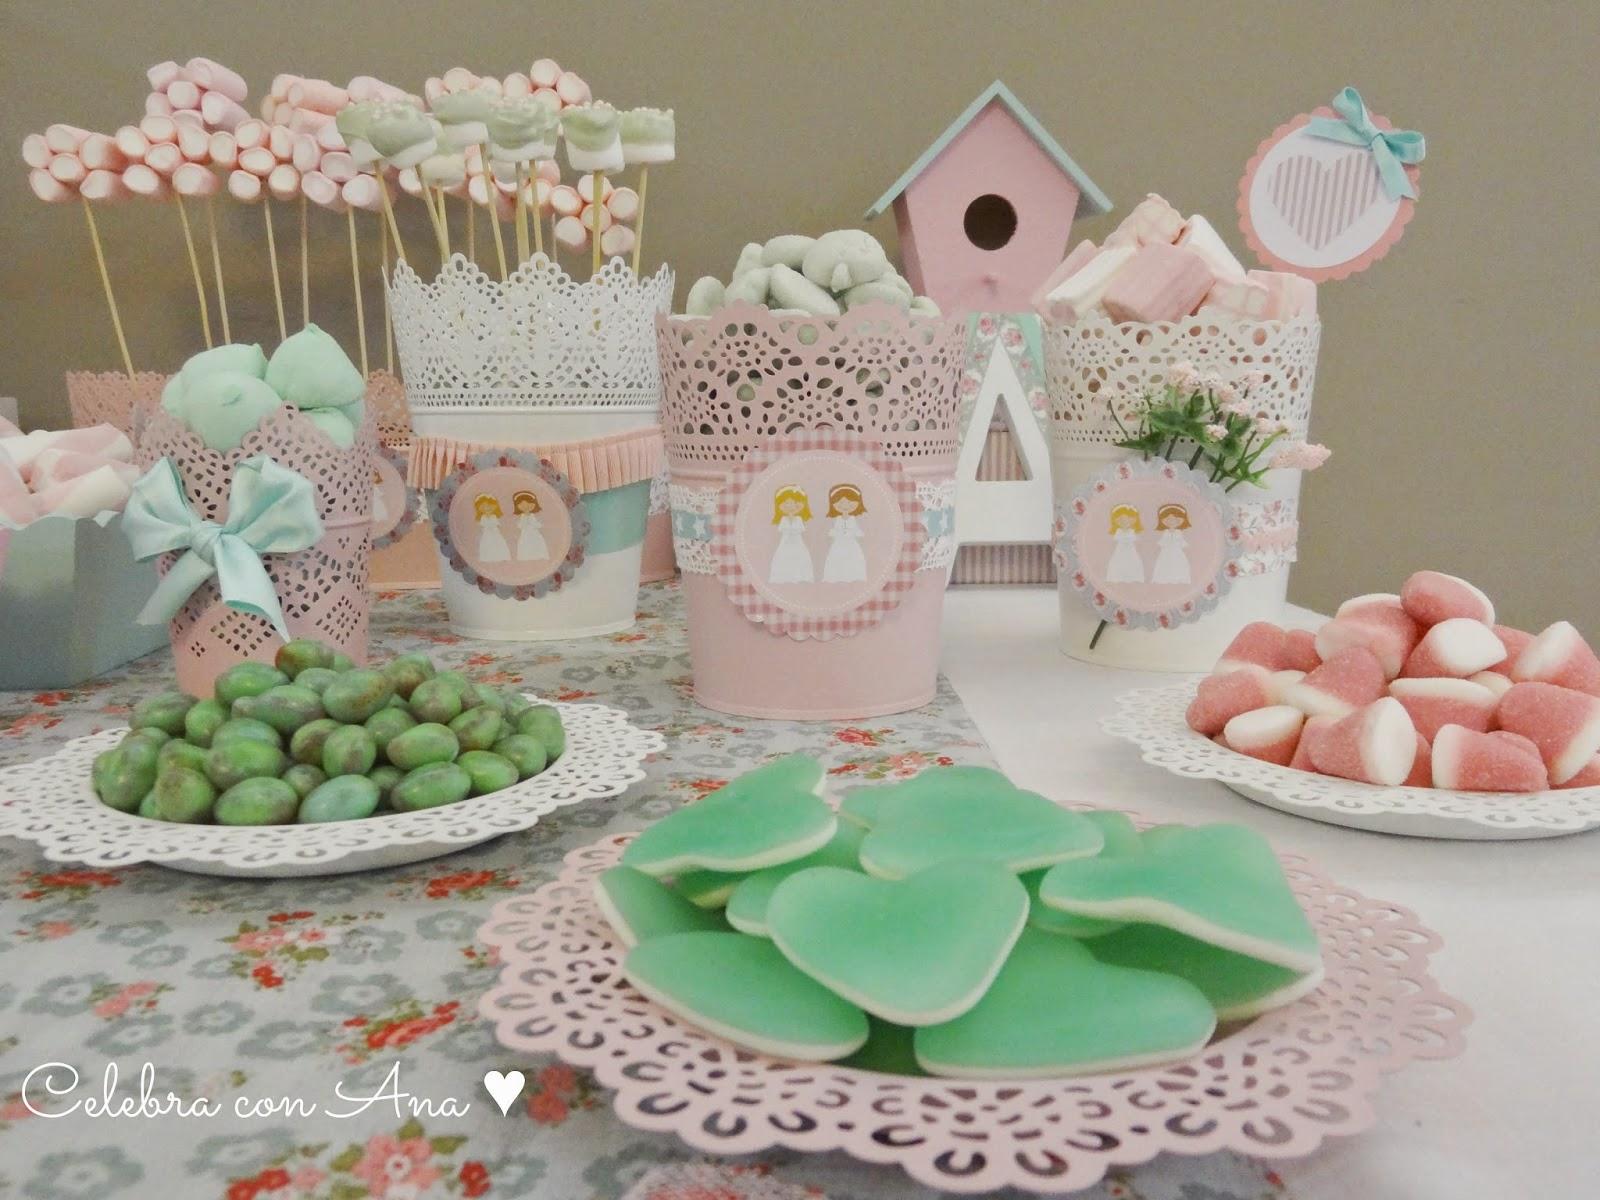 Celebra con ana compartiendo experiencias creativas - Decoracion de mesa para comunion ...